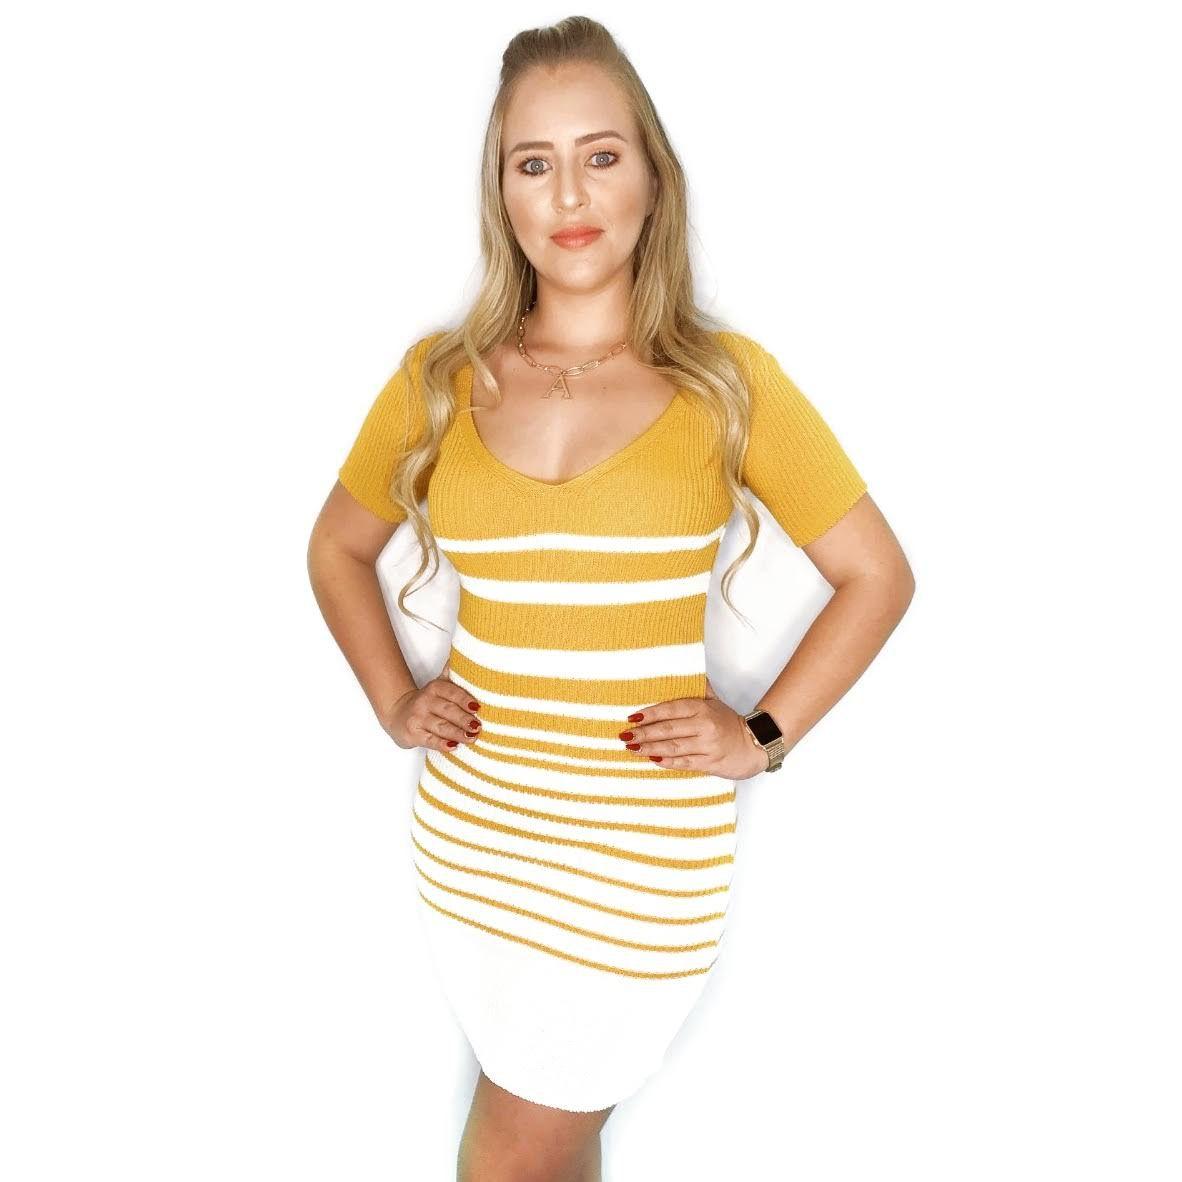 Vestido estilo modal de verão manga curta listrado  k491